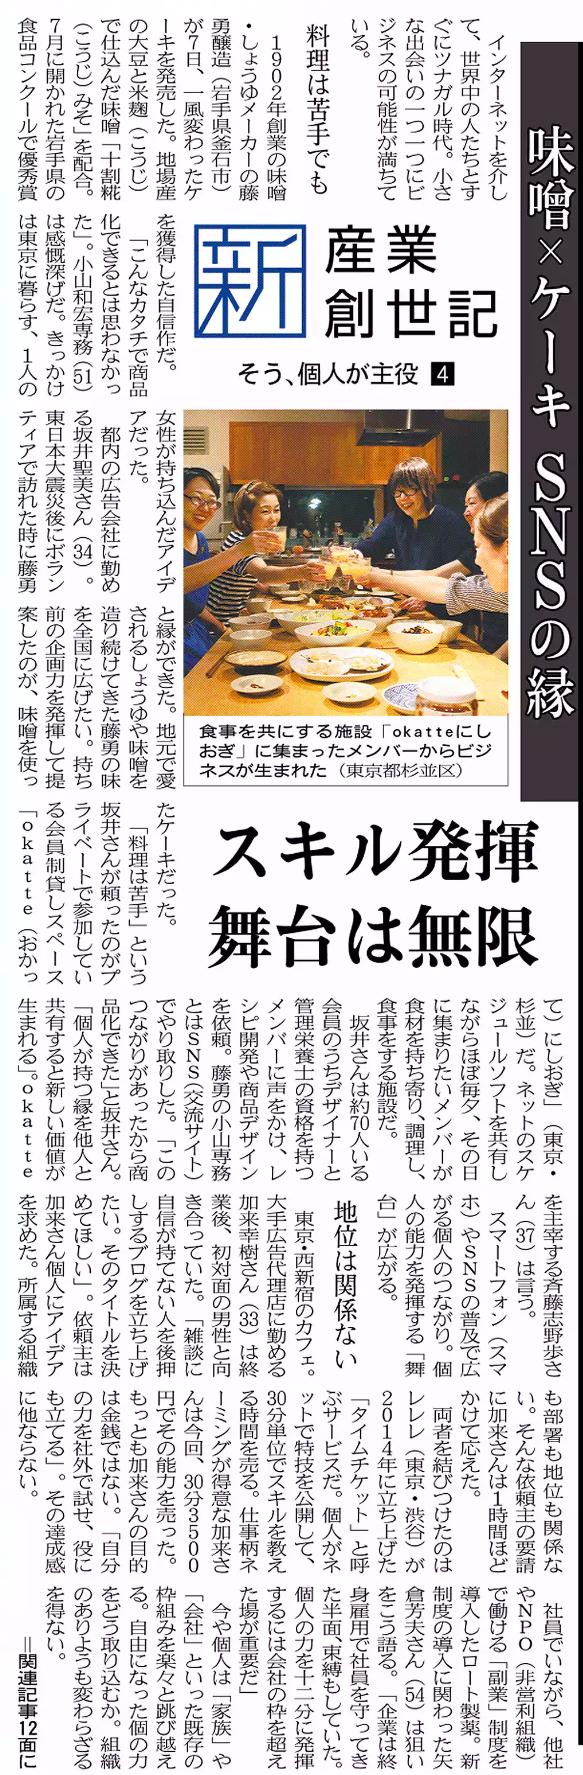 20160818_日経新聞_okatte